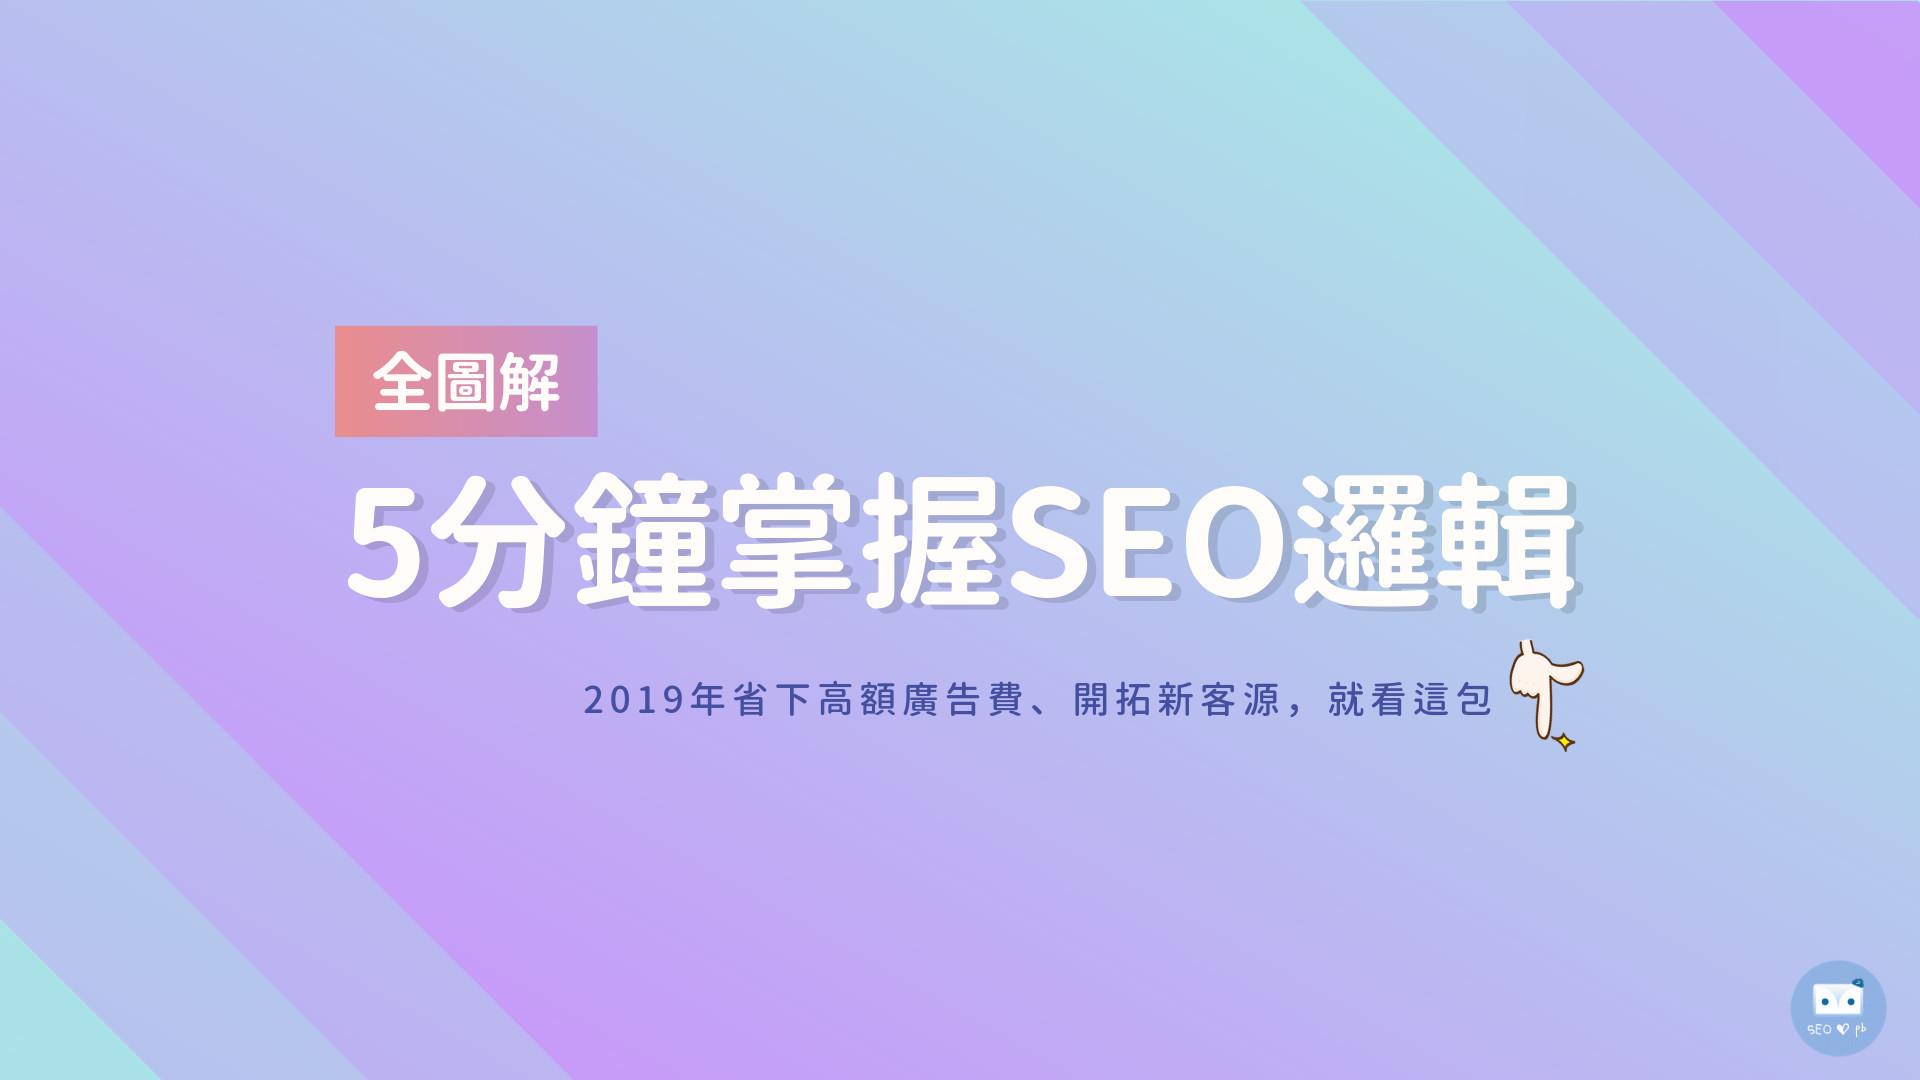 2019 SEO優化入門懶人包首圖-鯊客科技SEO優化公司